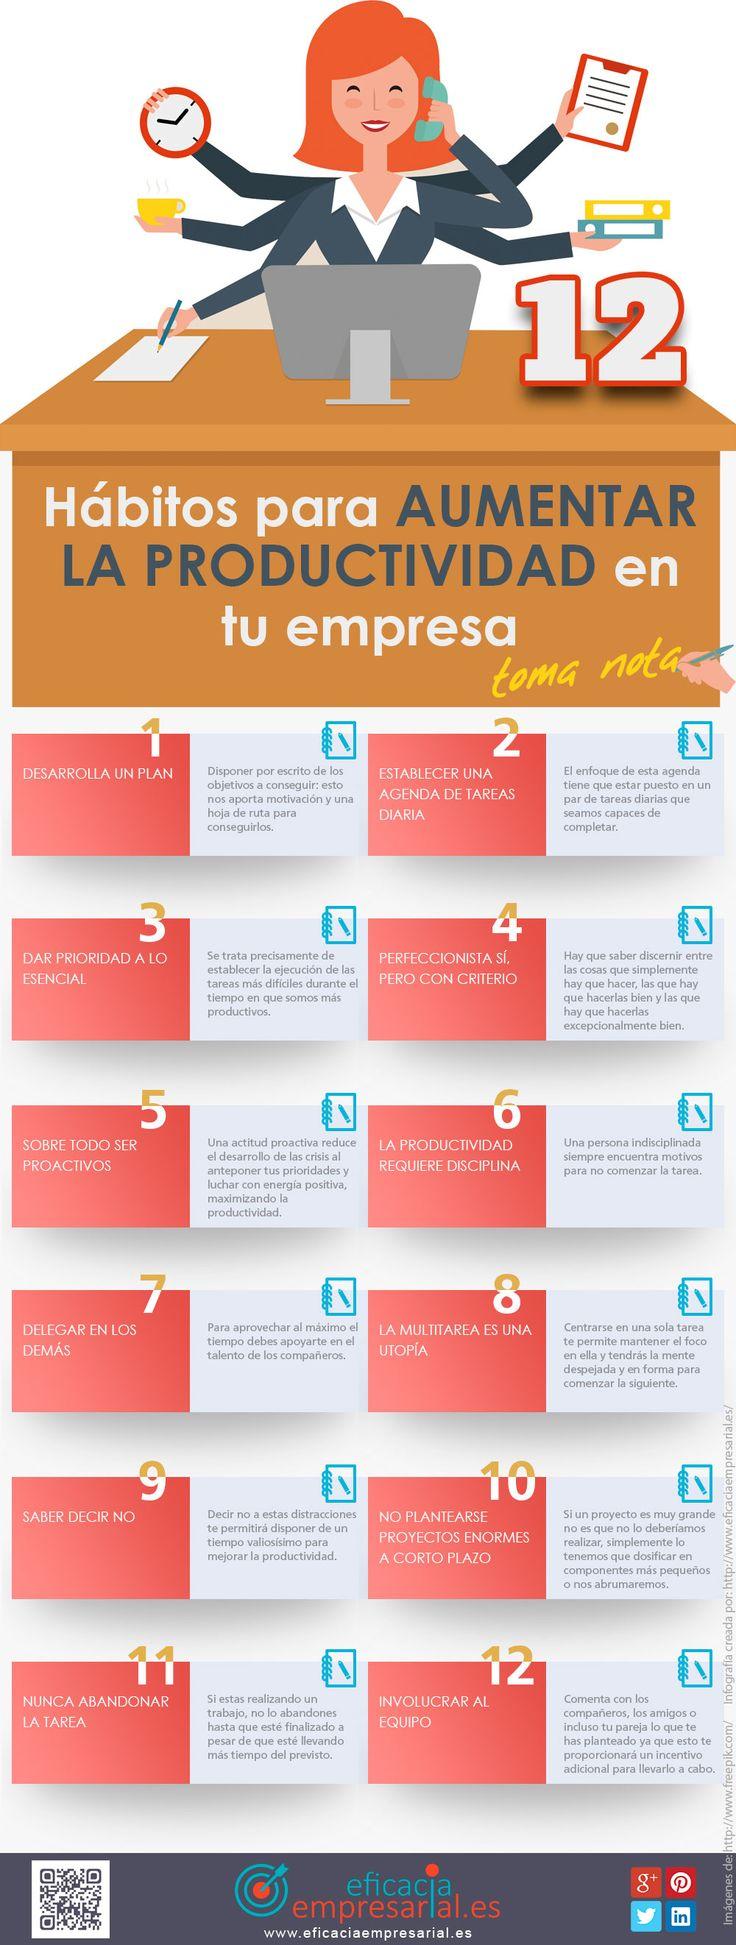 Hola: Una infografía con 12 hábitos para aumentar la productividad de tu empresa. Vía Un saludo